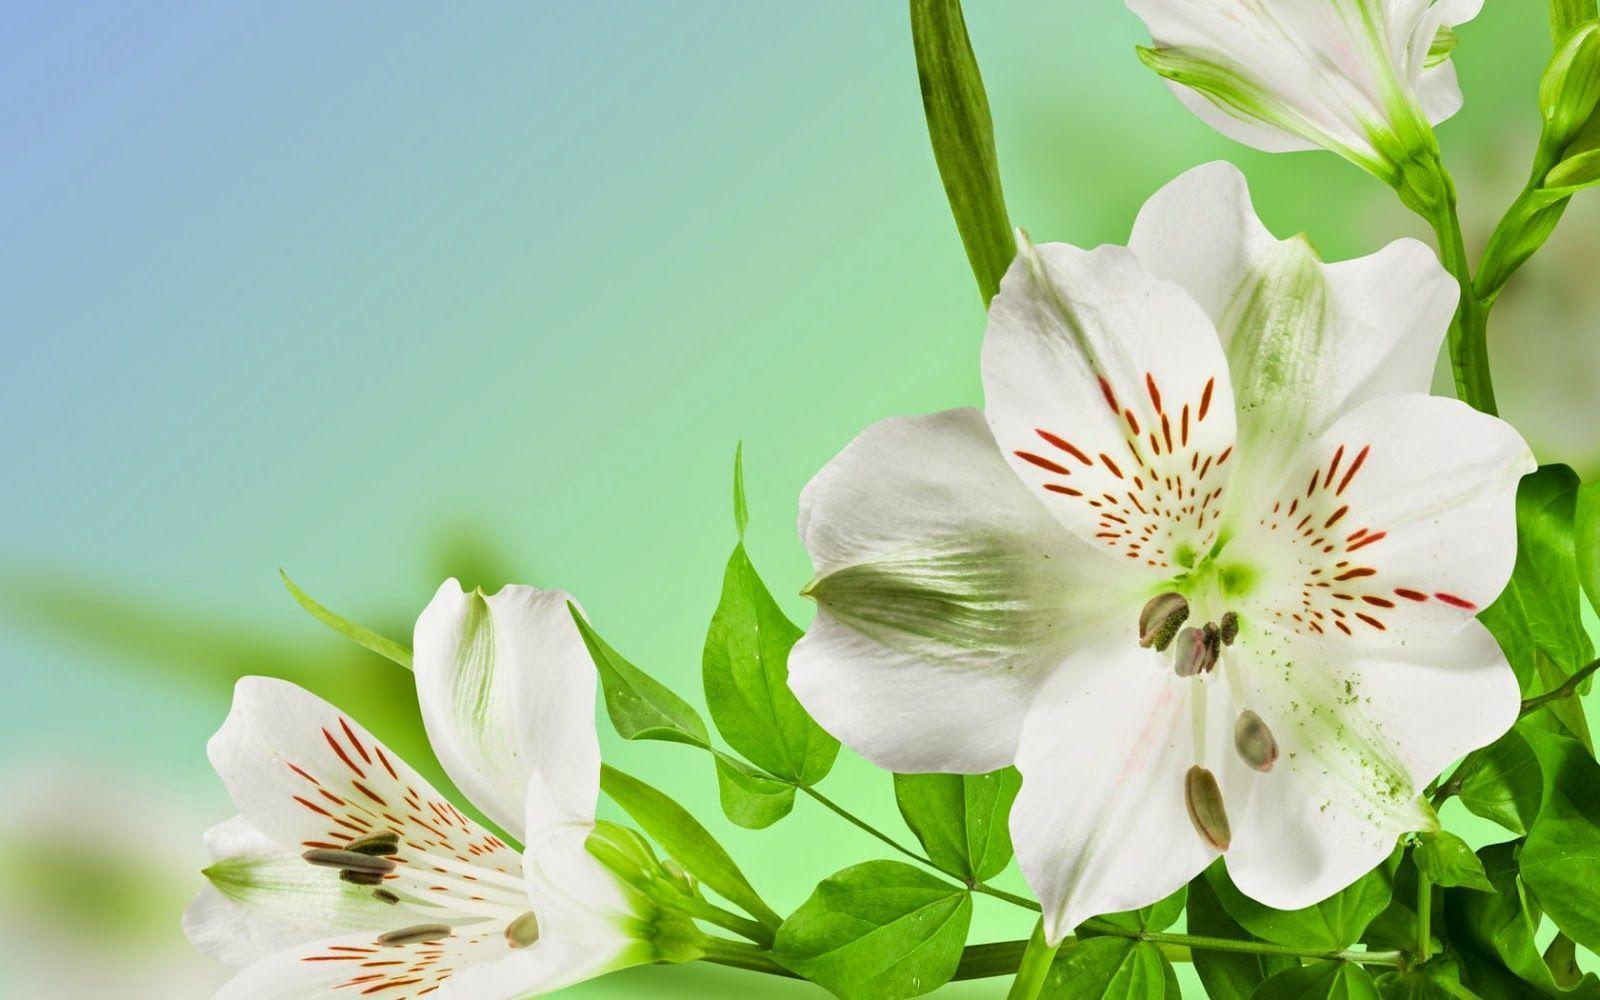 Blumen Hintergrundbilder: Blumen Wallpapers